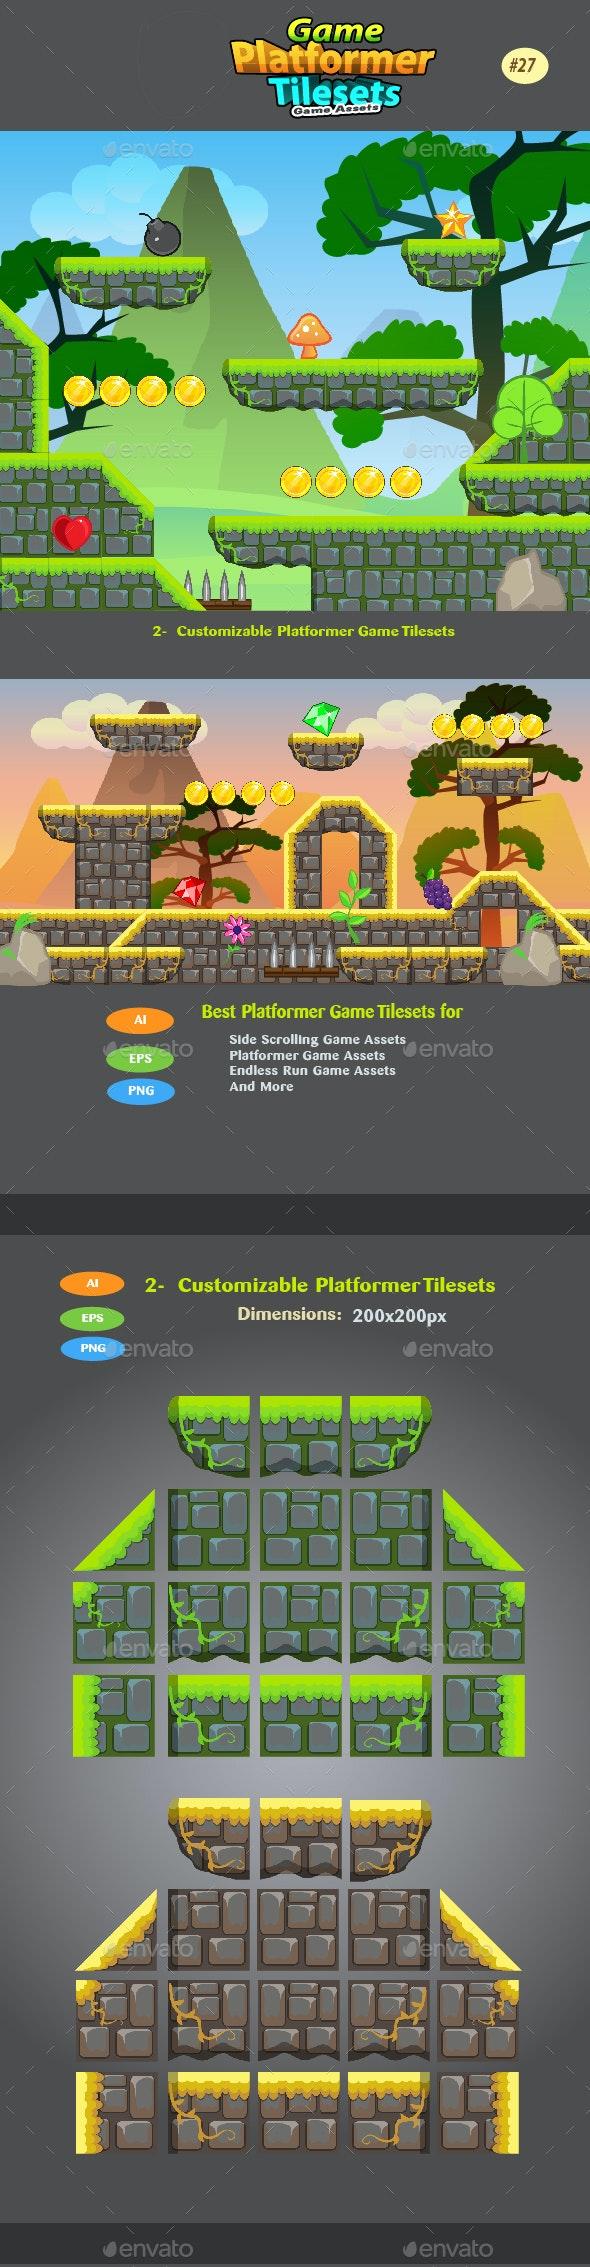 2D Game  Platformer Tilesets 27 - Tilesets Game Assets